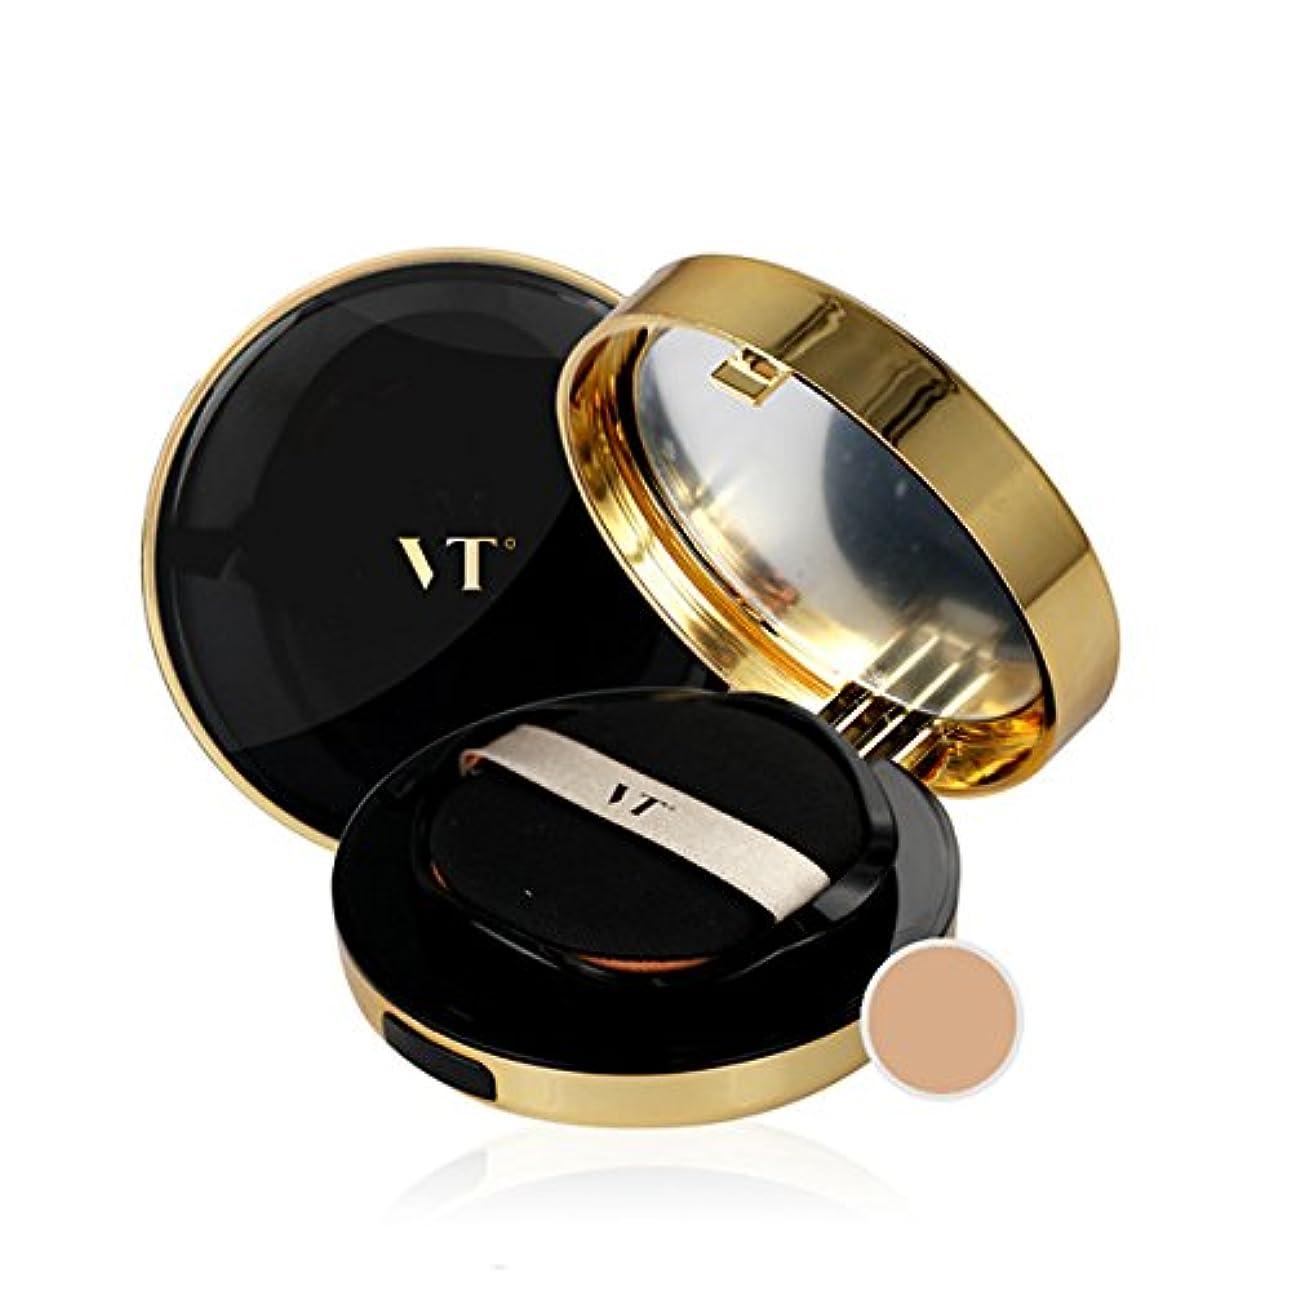 十分資本主義軽バント36.5(VANT36.5)エッセンス スキン ファンデーション パクト(Essence Skin Foundation Pact)SPF50/PA+++ 12g